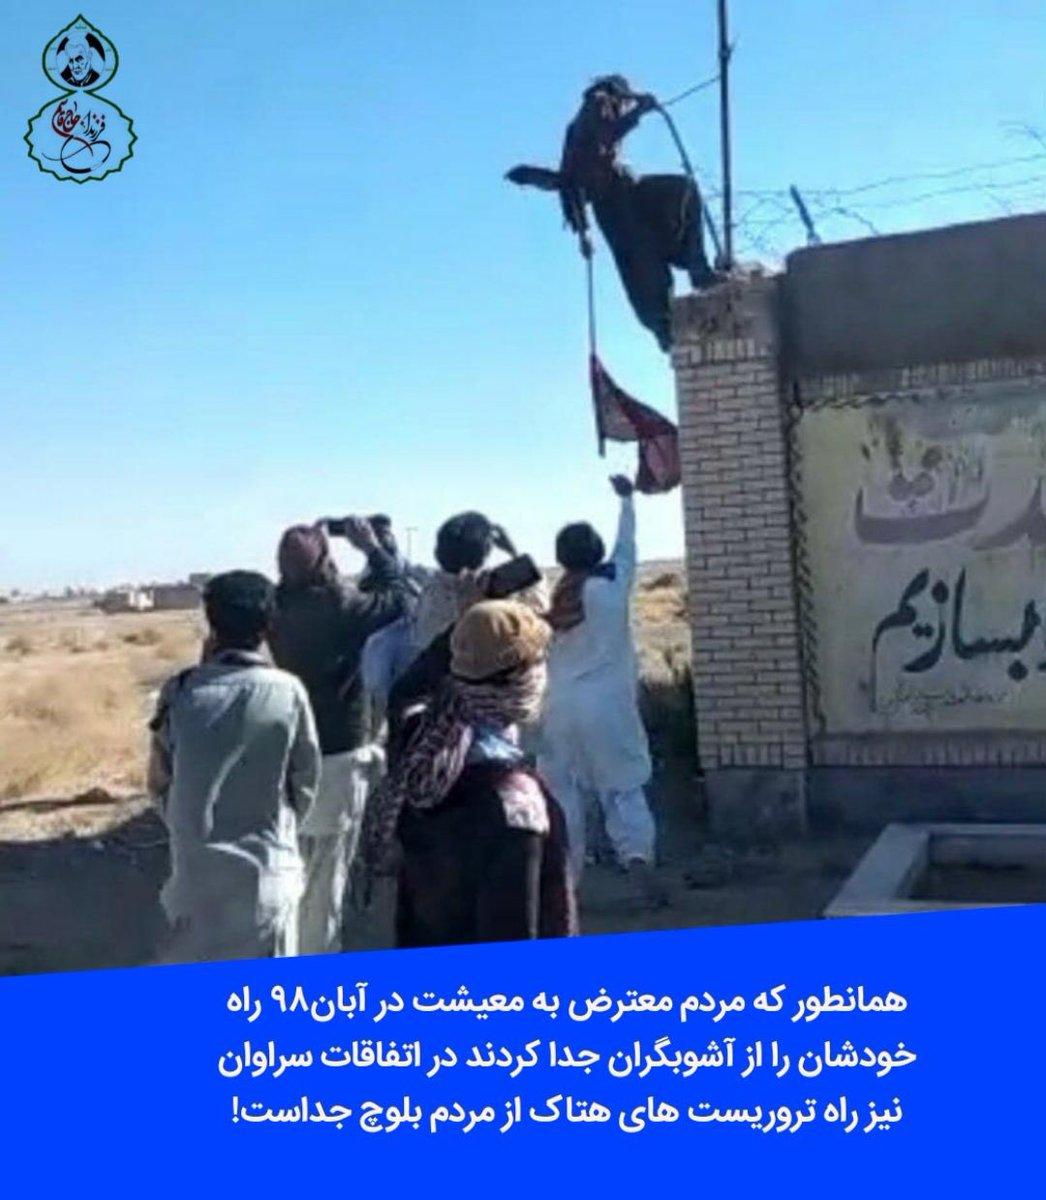 ⭕️همانطور که مردم معترض به معیشت در آبان ۹۸ راه خودشان را از آشوبگران جداکردند  دراتفاقات سراوان نیز راه تروریستهای هتاک از مردم بلوچ جداست  #بلوچستان_تنها_نیست #روایت_آشوب